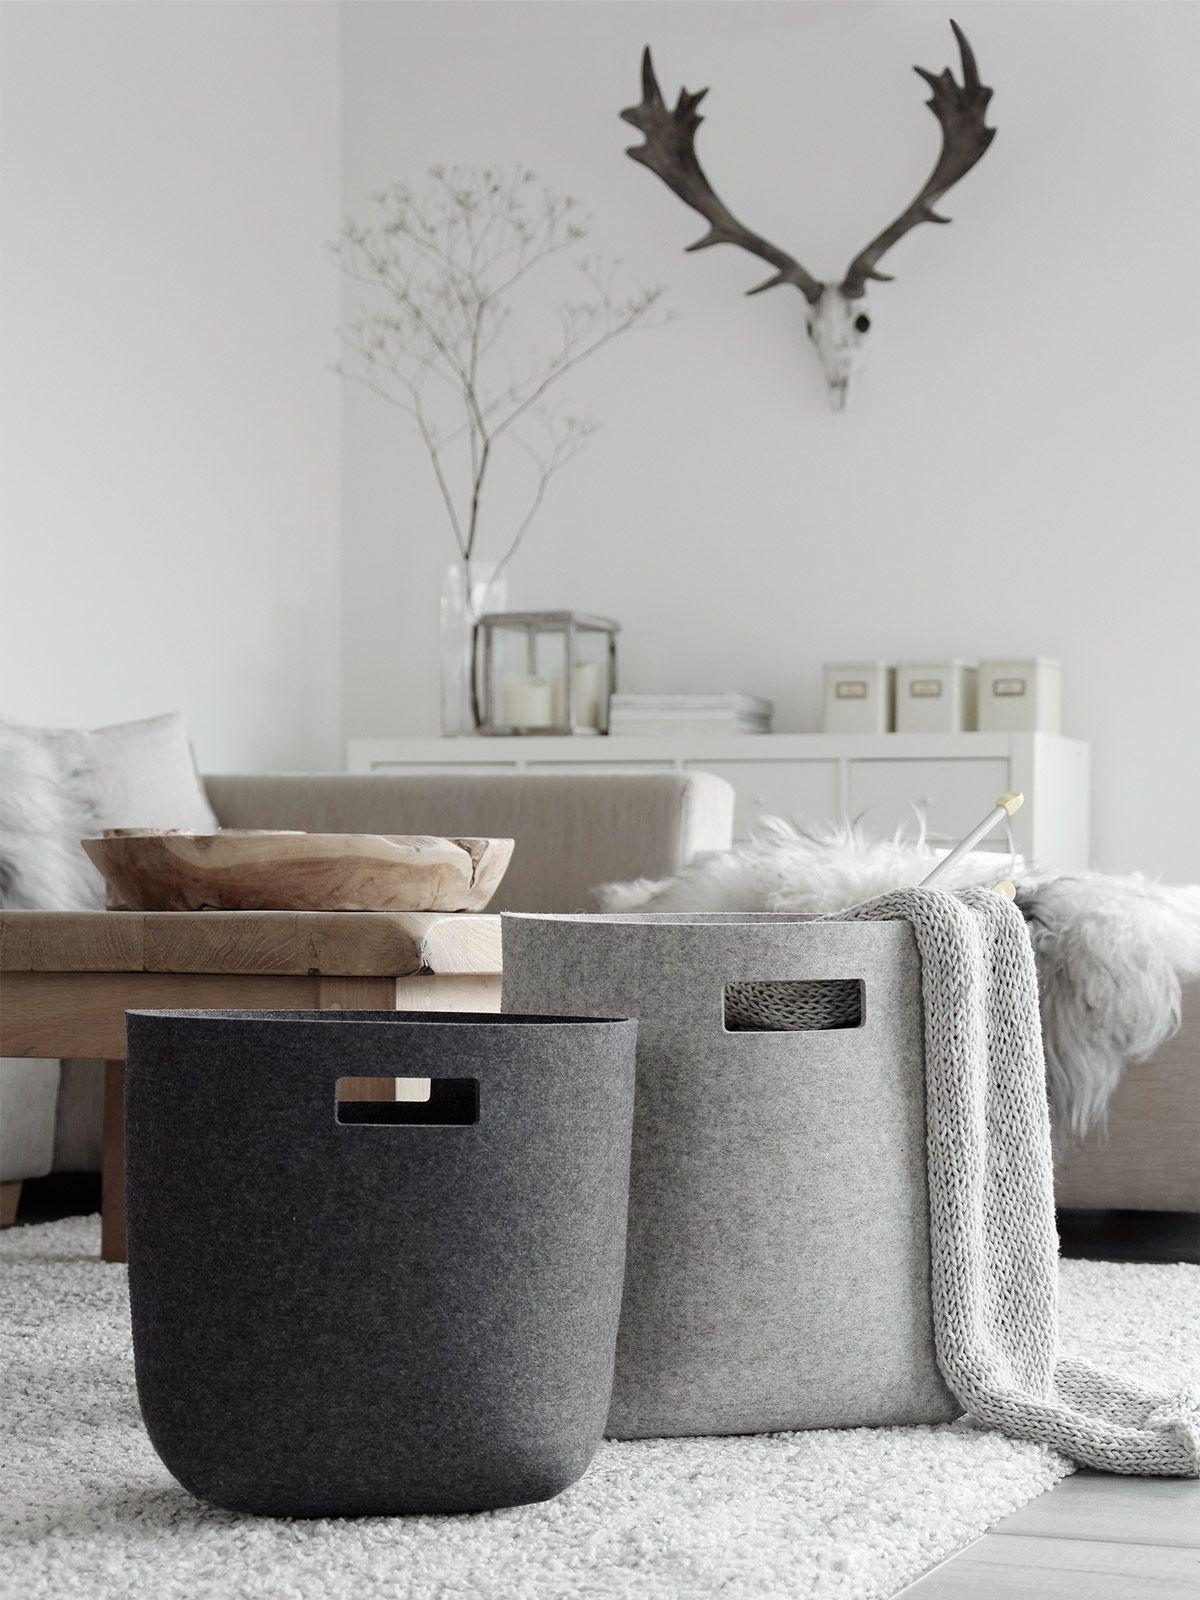 Living At Home Gewinnspiel dekoration storage baskets interiors and storage